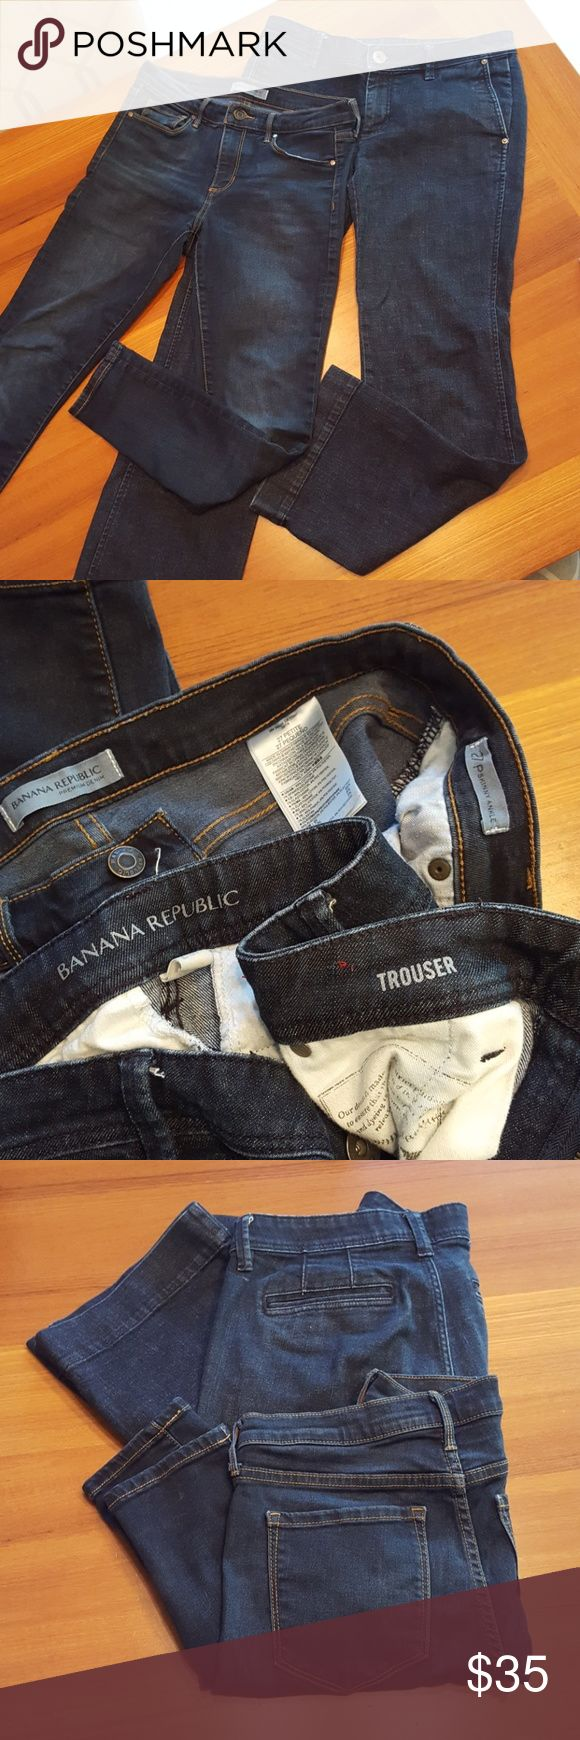 (2 pr) 27P 28P Banana Republic jeans lot/bundle 2 pairs of lady's jeans/ lot. Banana Republic denim trousers 28P, banana republic skinny ankle jeans size 27P. Excellent condition, premium denim. Banana Republic Jeans